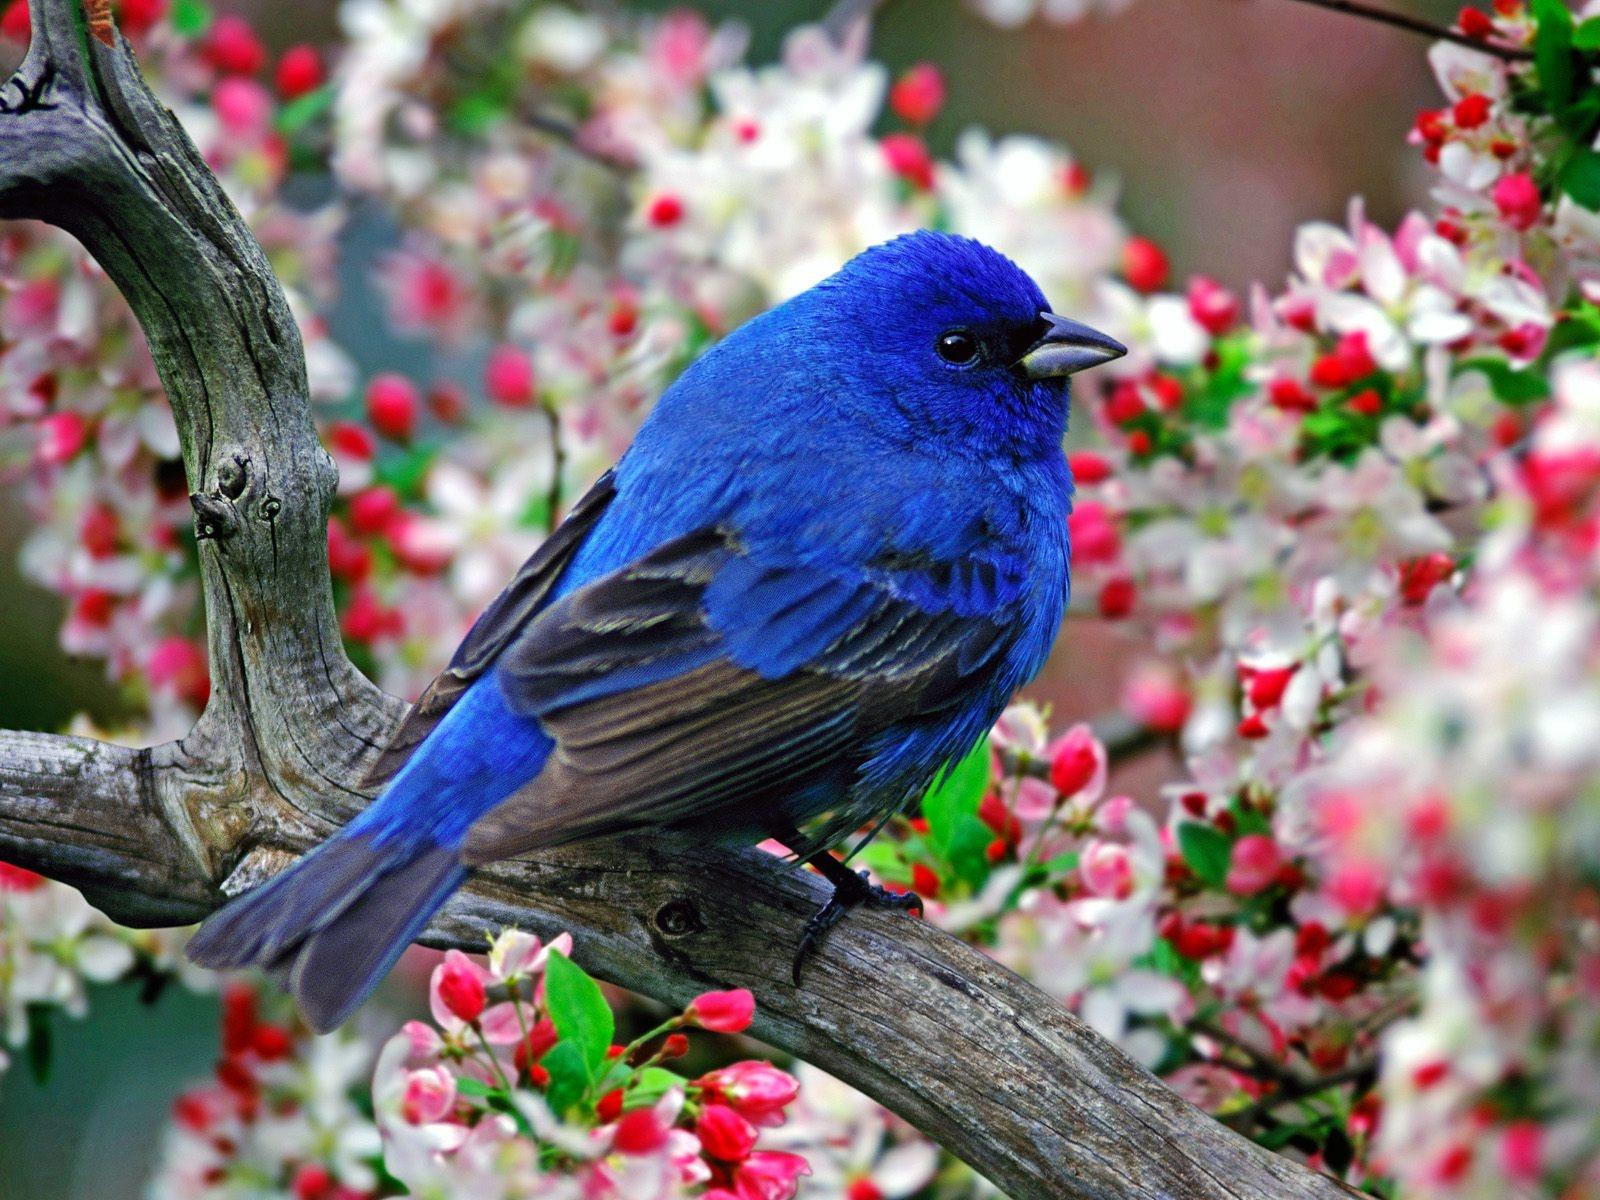 http://4.bp.blogspot.com/-TZJ7KBC_cOU/TkK8NRwXc6I/AAAAAAAAAes/NxDqvjpLwaQ/s1600/Animals-wallpaper.jpg